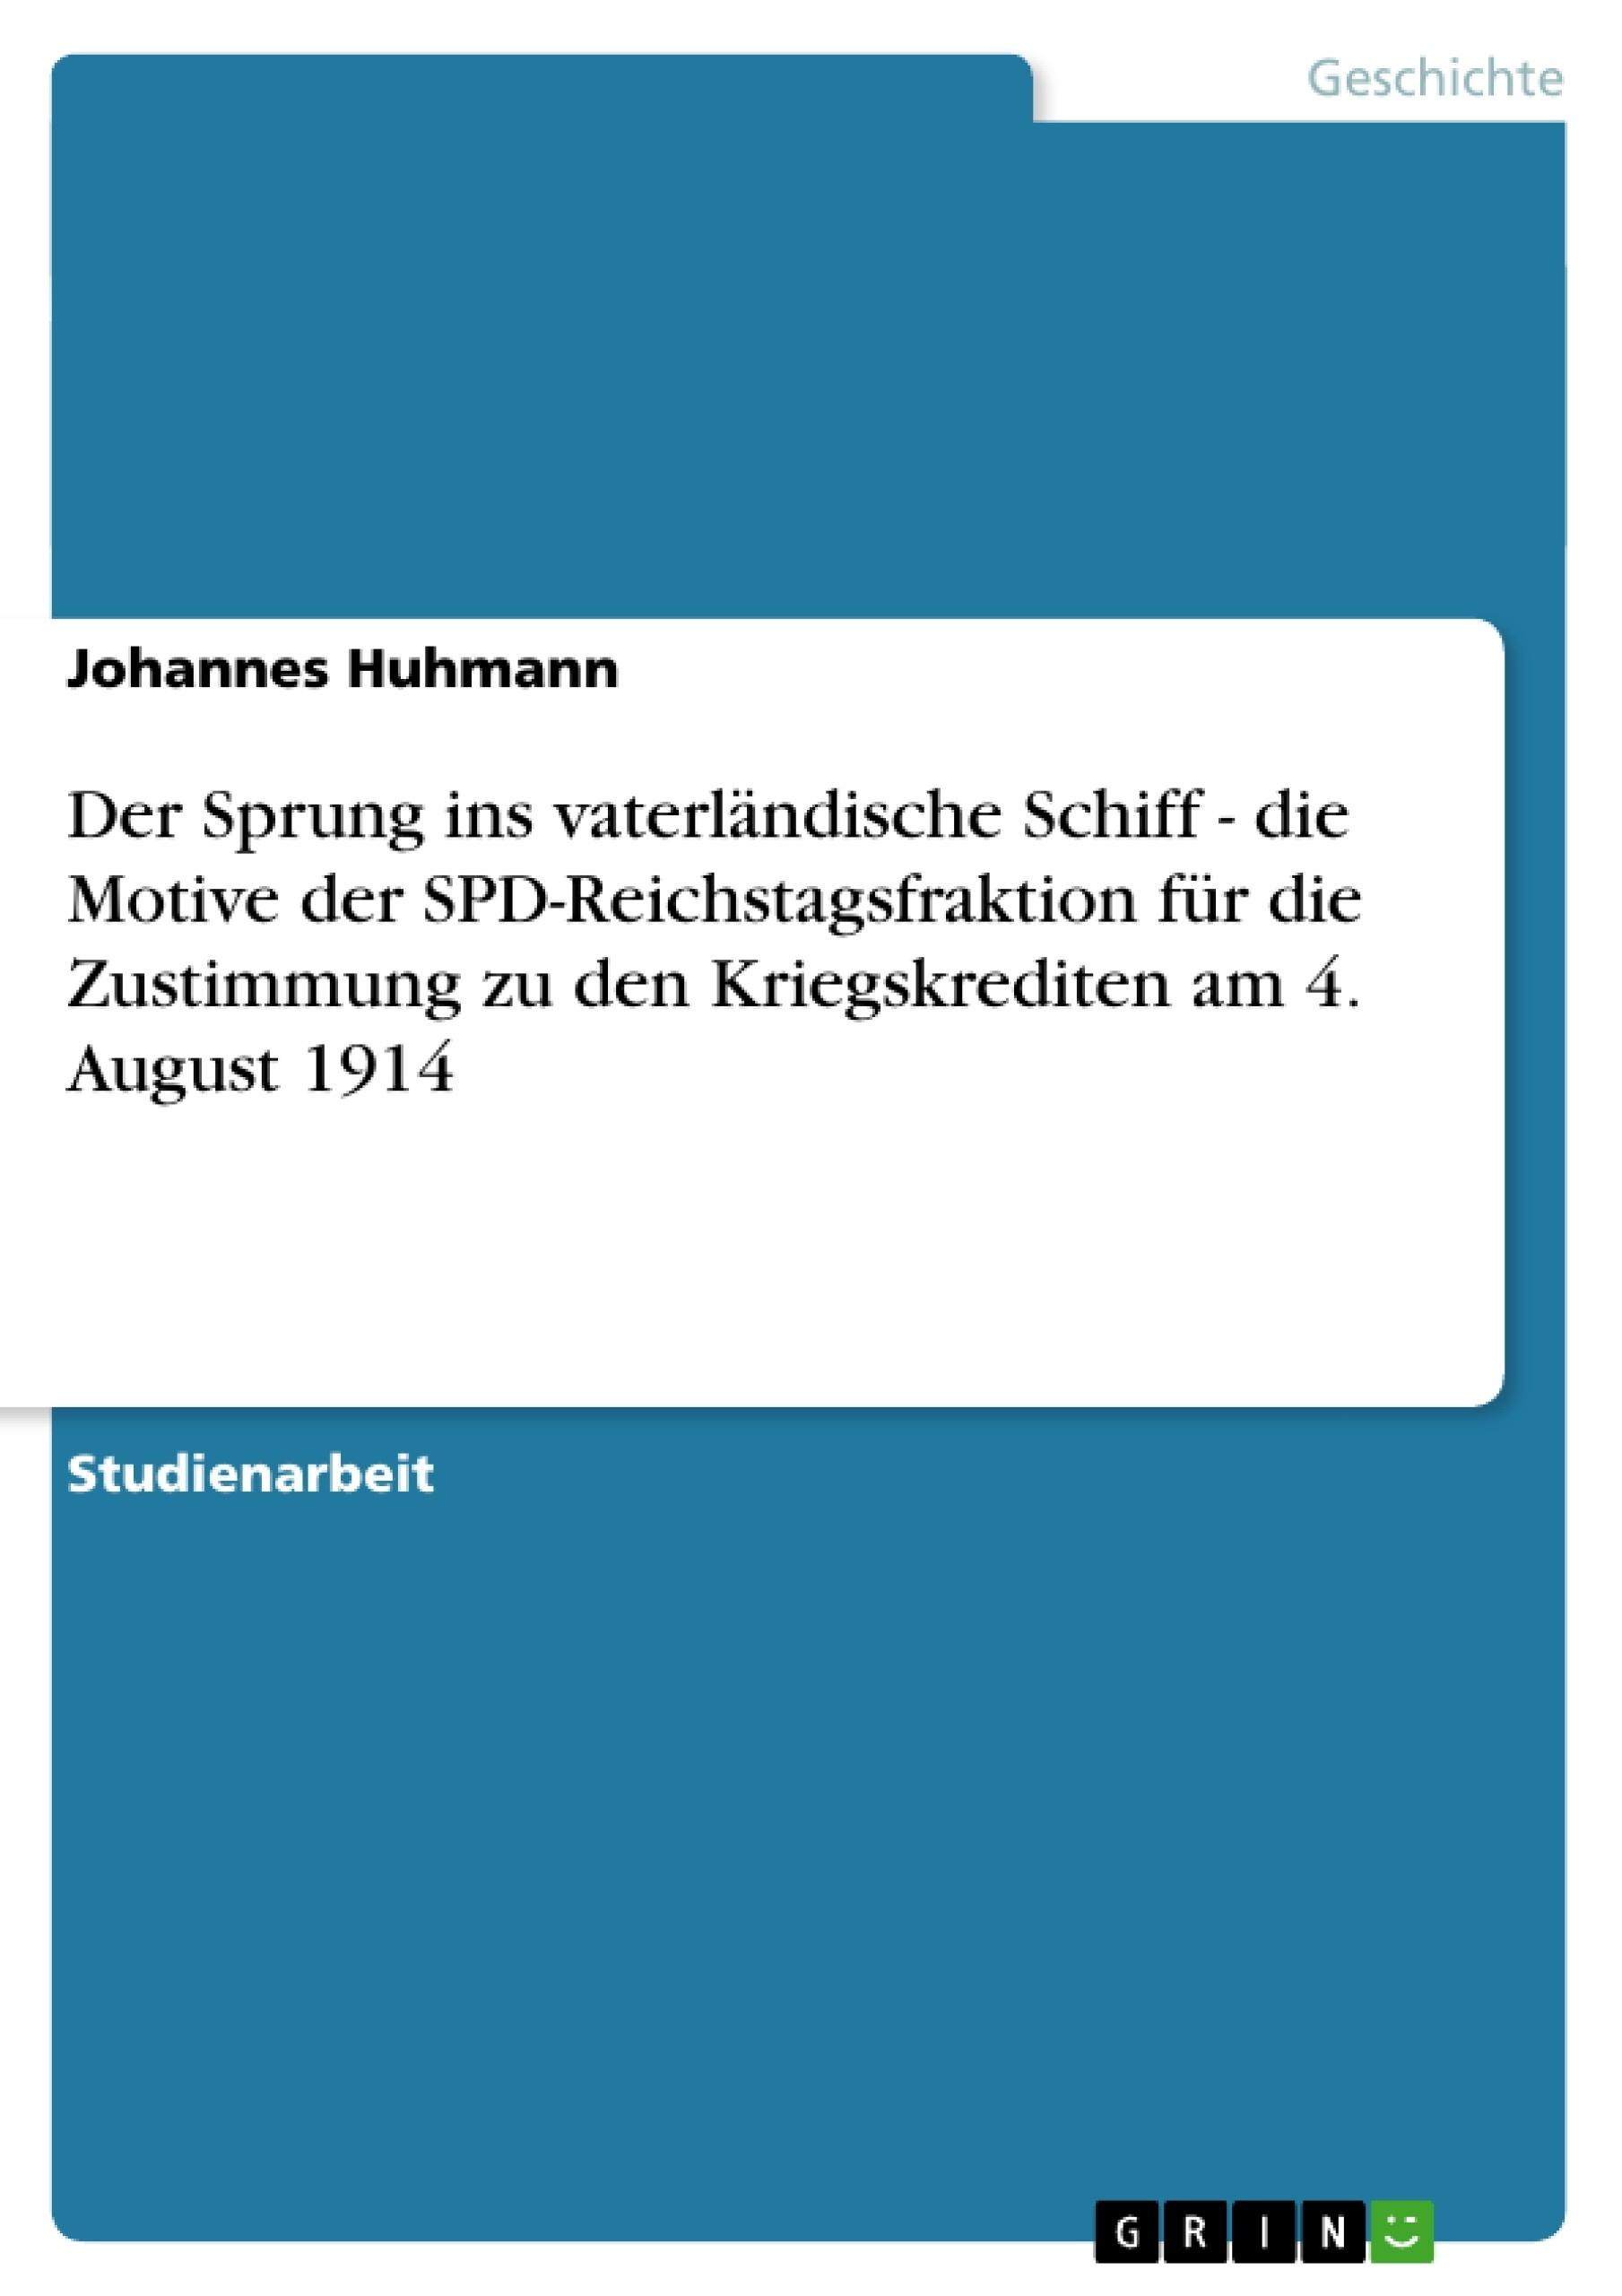 Titel: Der Sprung ins vaterländische Schiff - die Motive der SPD-Reichstagsfraktion für die Zustimmung zu den Kriegskrediten am 4. August 1914